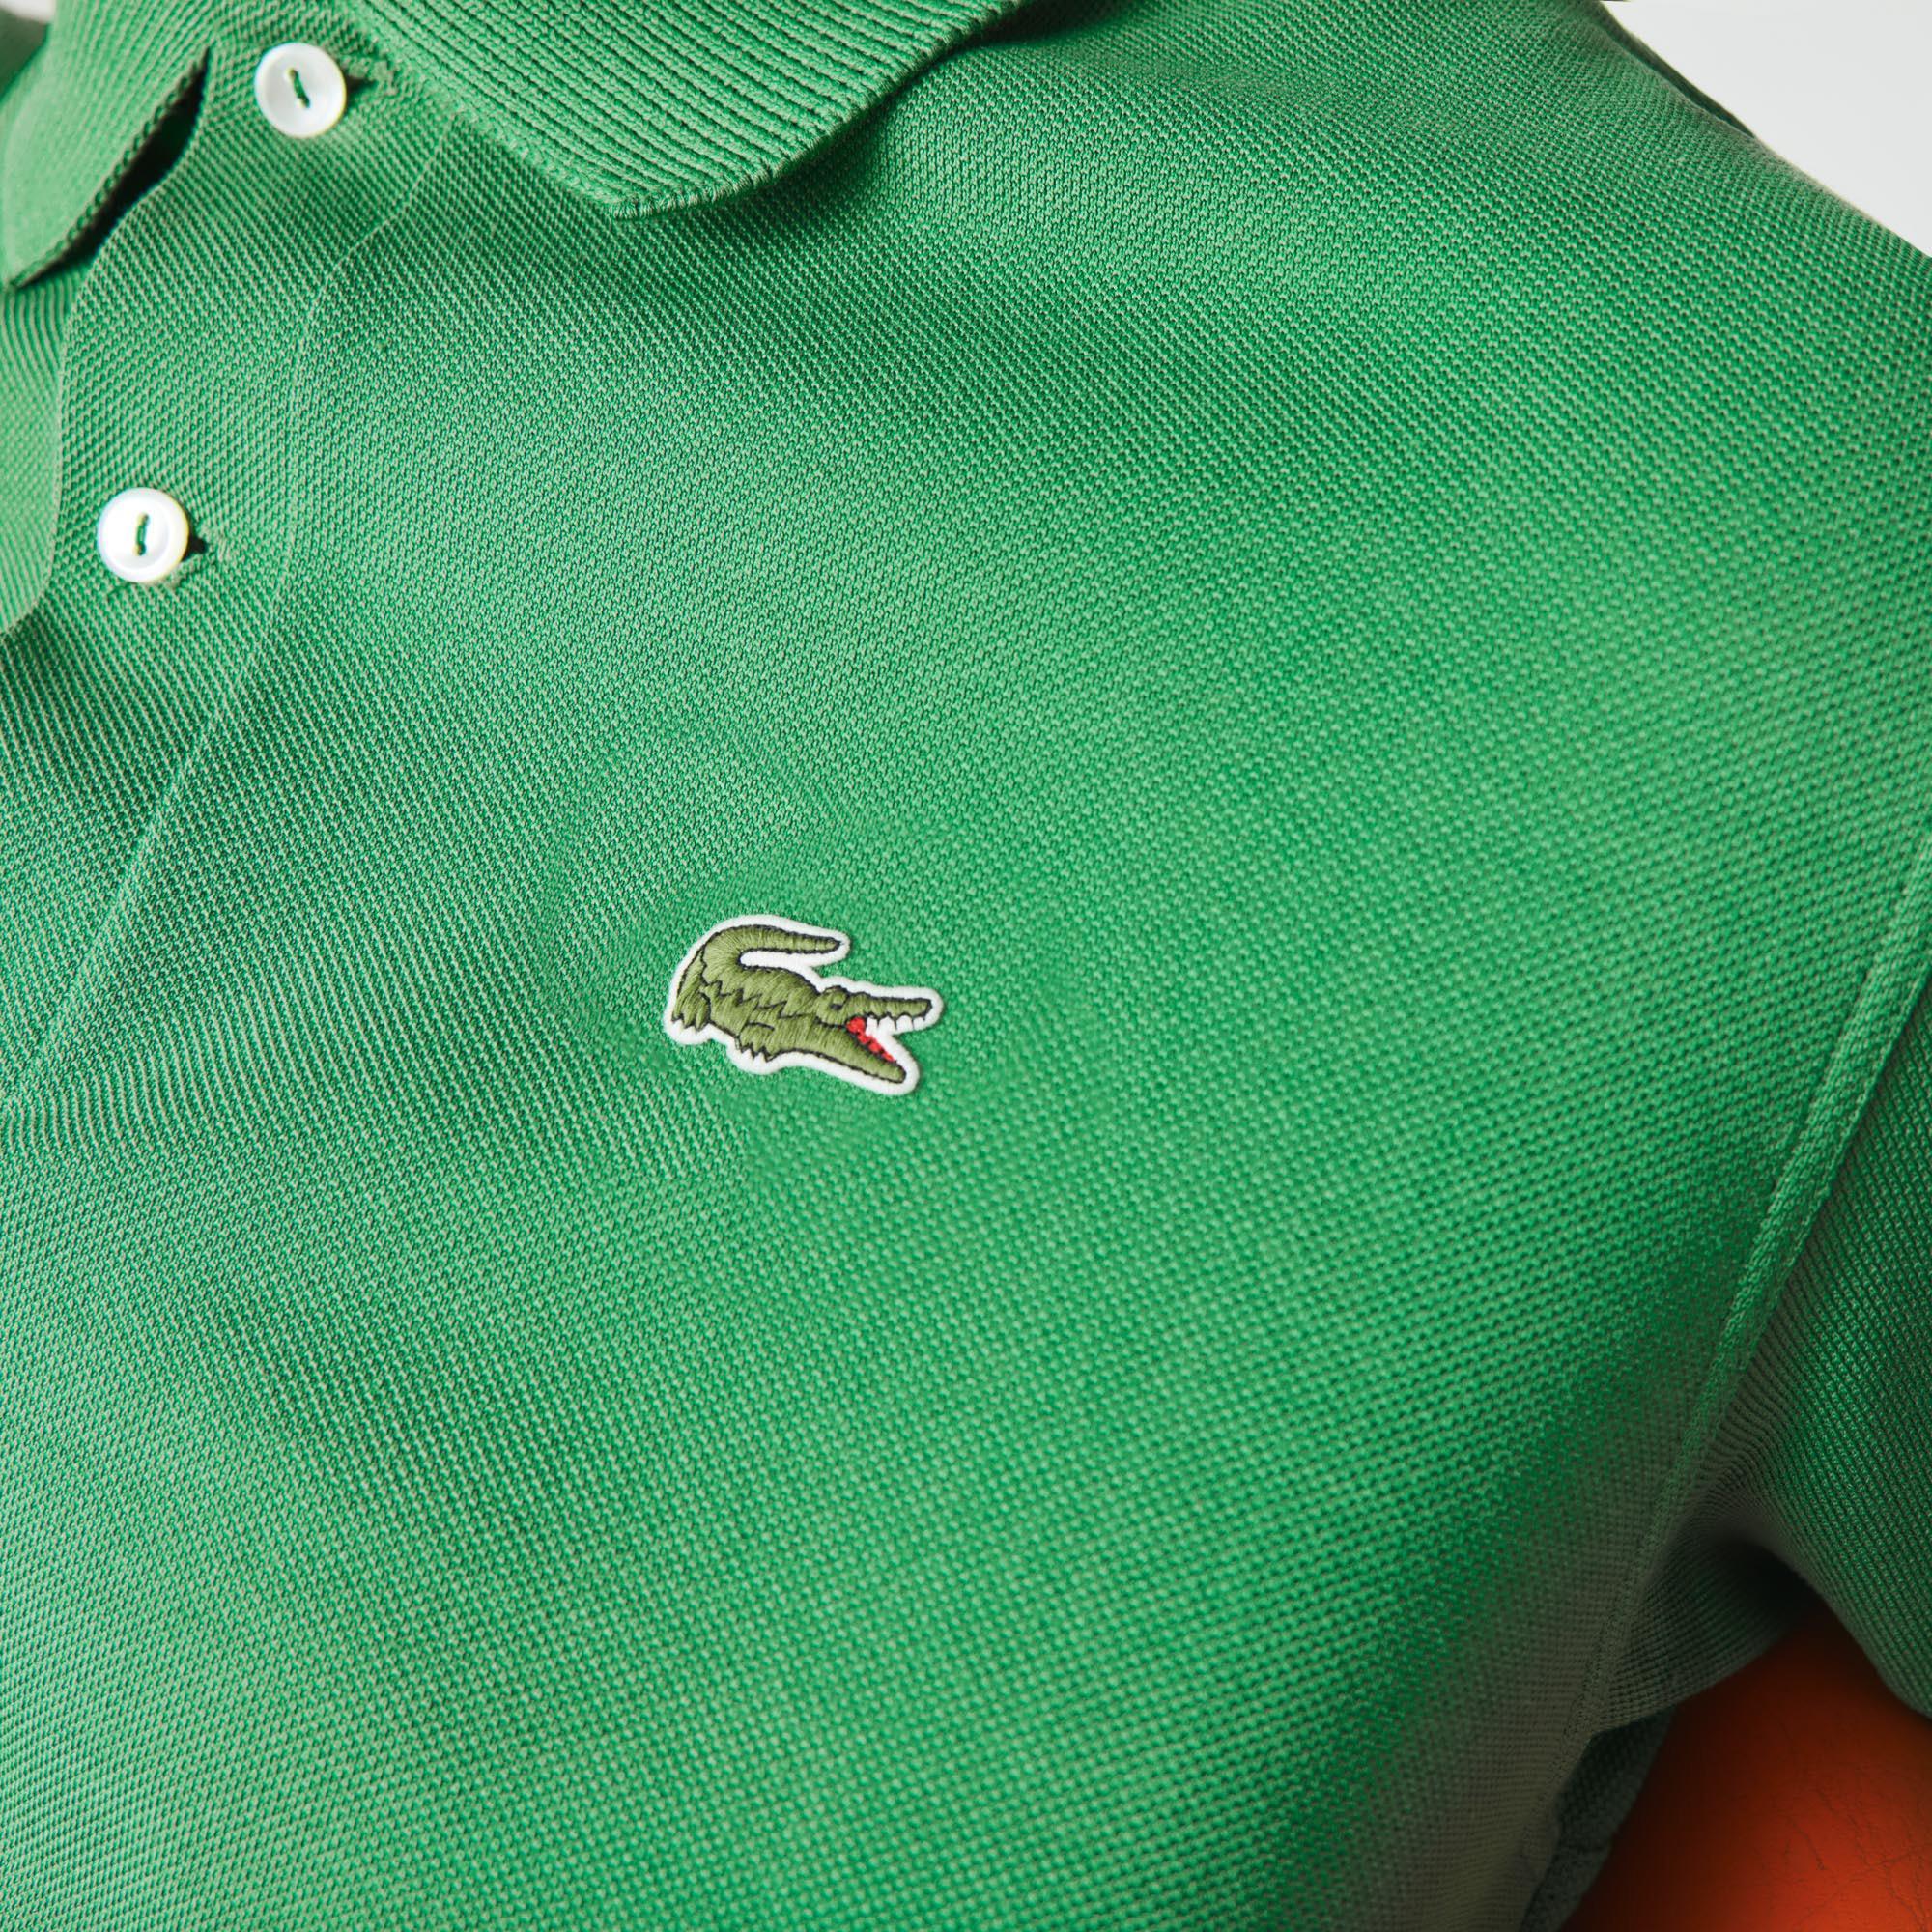 Lacoste Men's Classic Fit L.12.21 Organic Cotton Piqué Polo Shirt